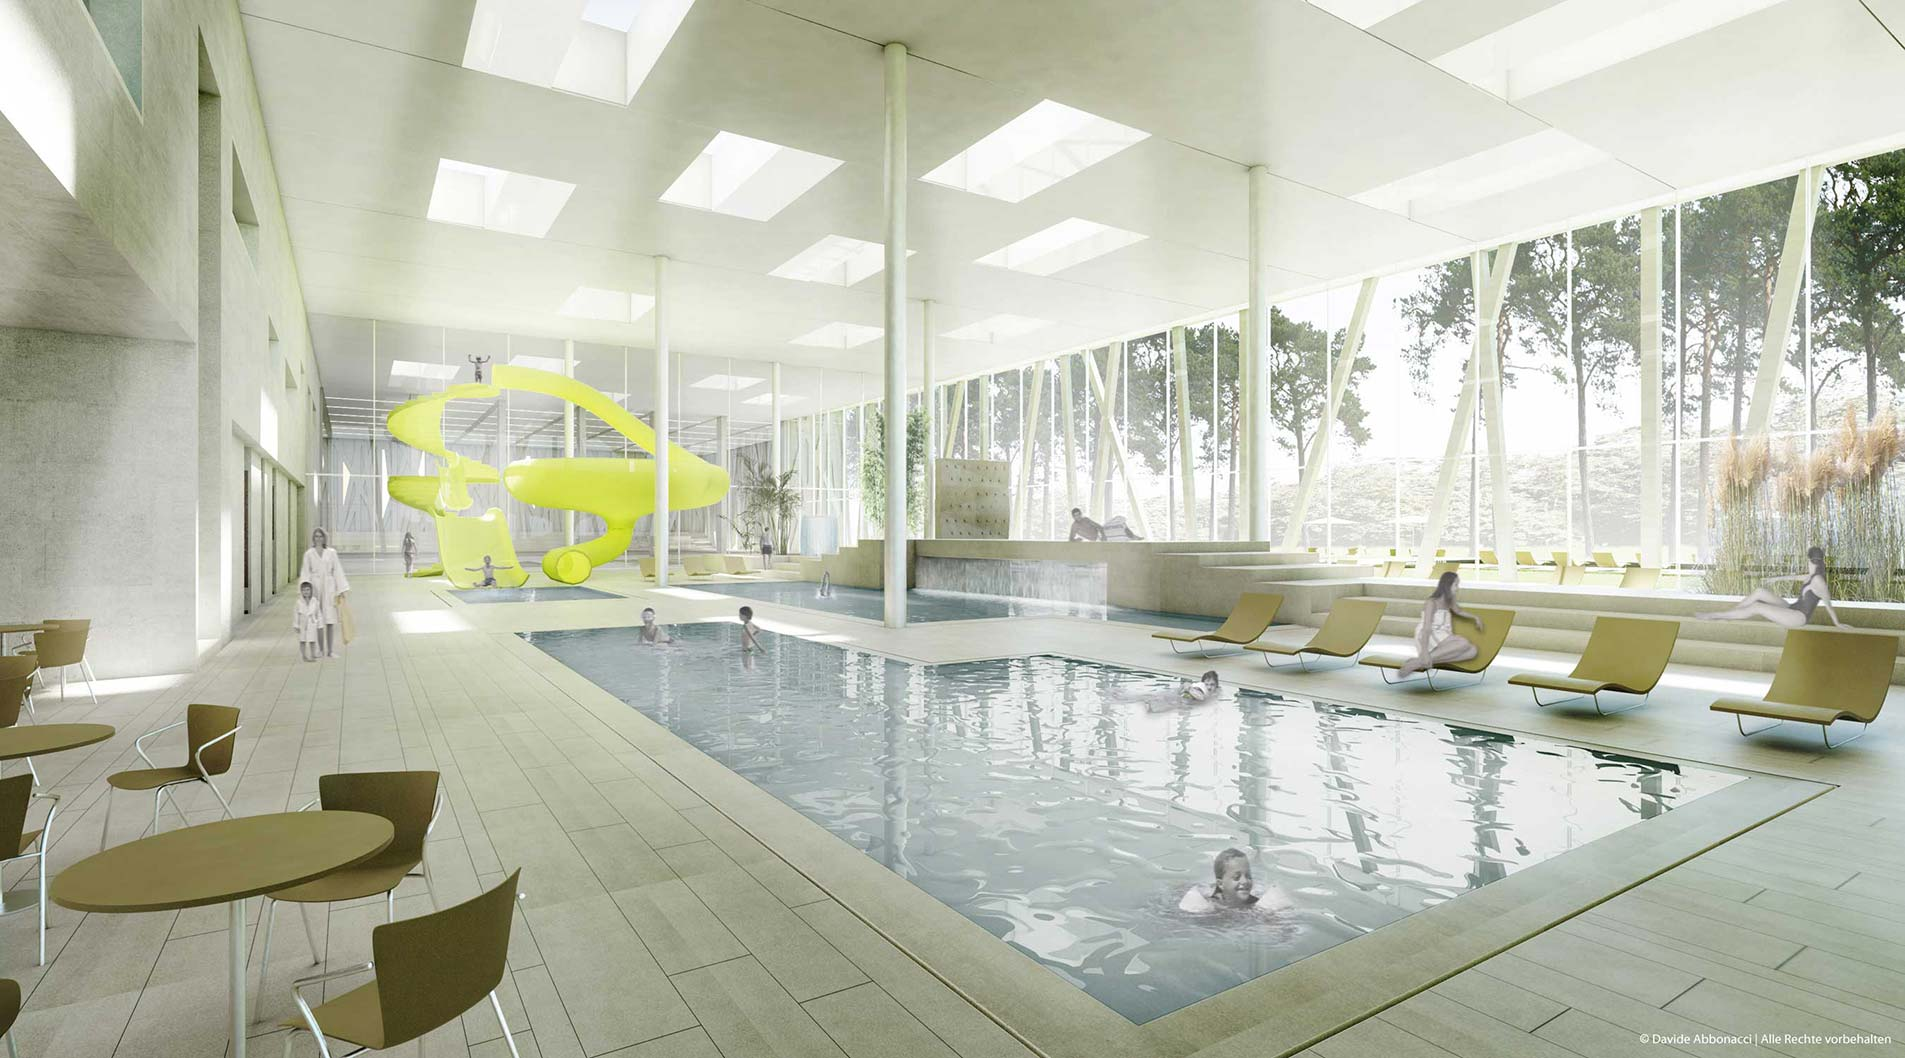 Neubau eines Sport und Freizeitbades, Potsdam | gmp Architekten von Gerkan, Marg und Partner | 2010 Wettbewerbsvisualisierung | Finalist